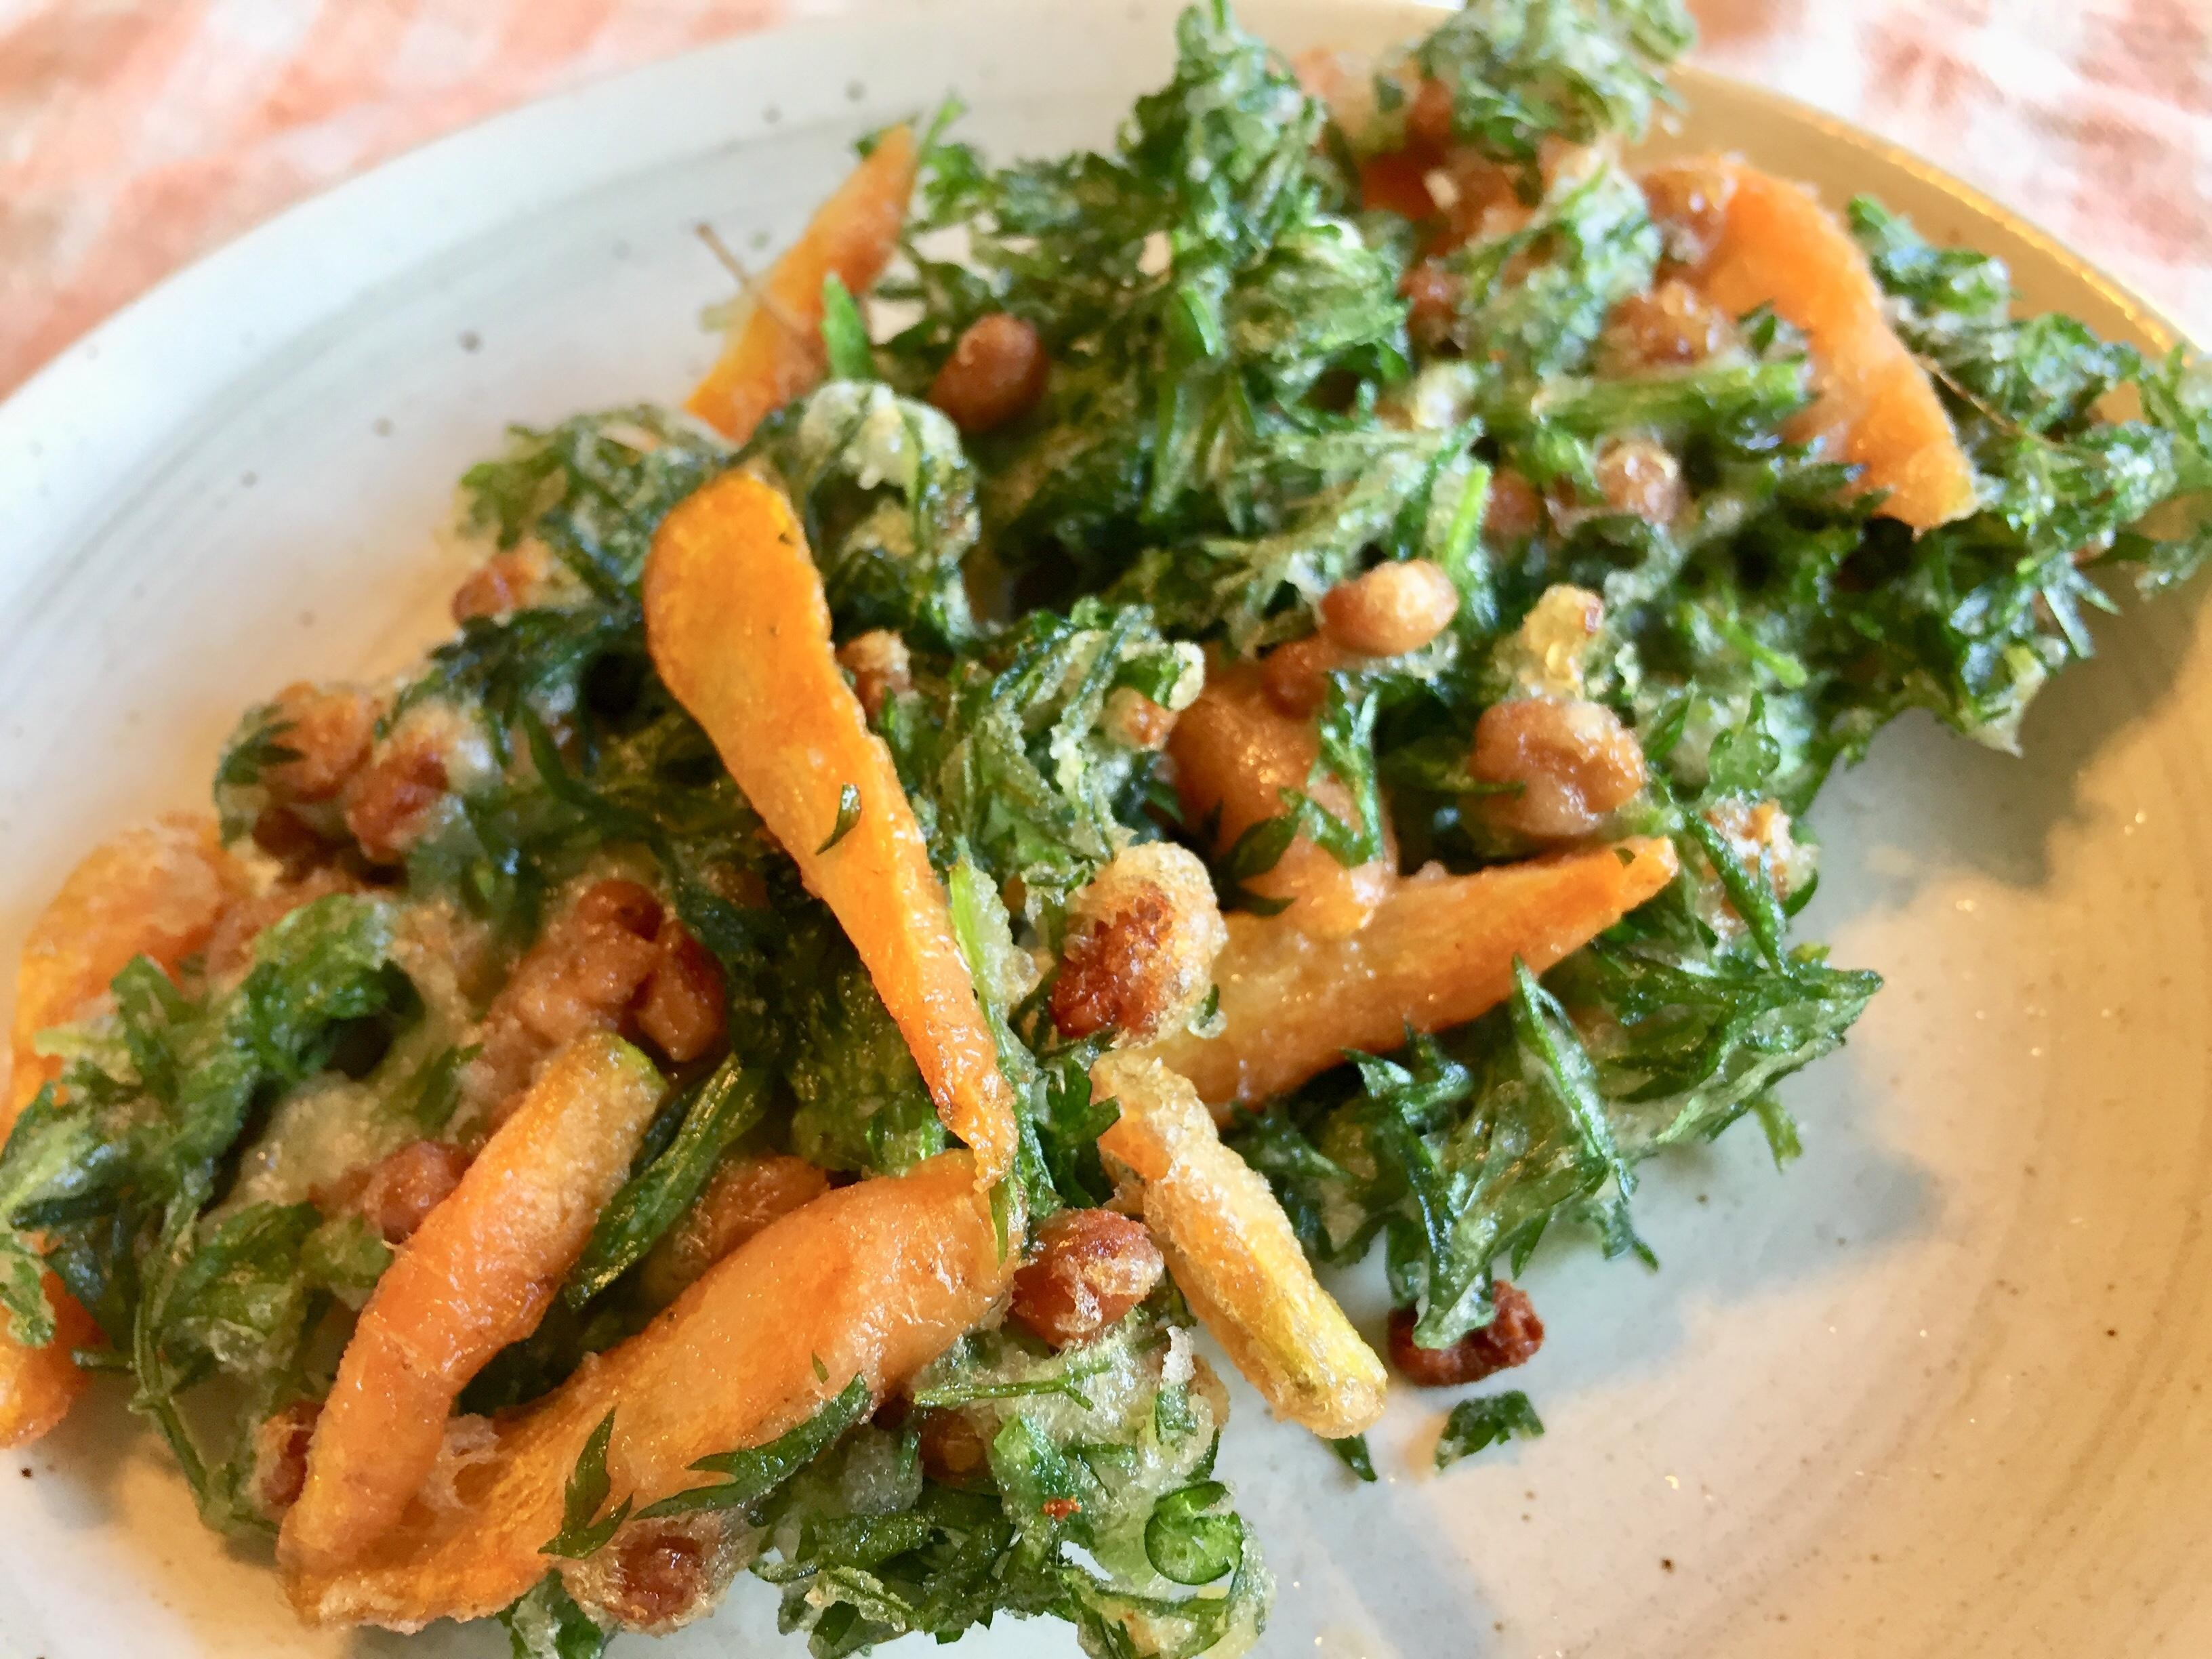 にんじん葉と納豆のかき揚げ